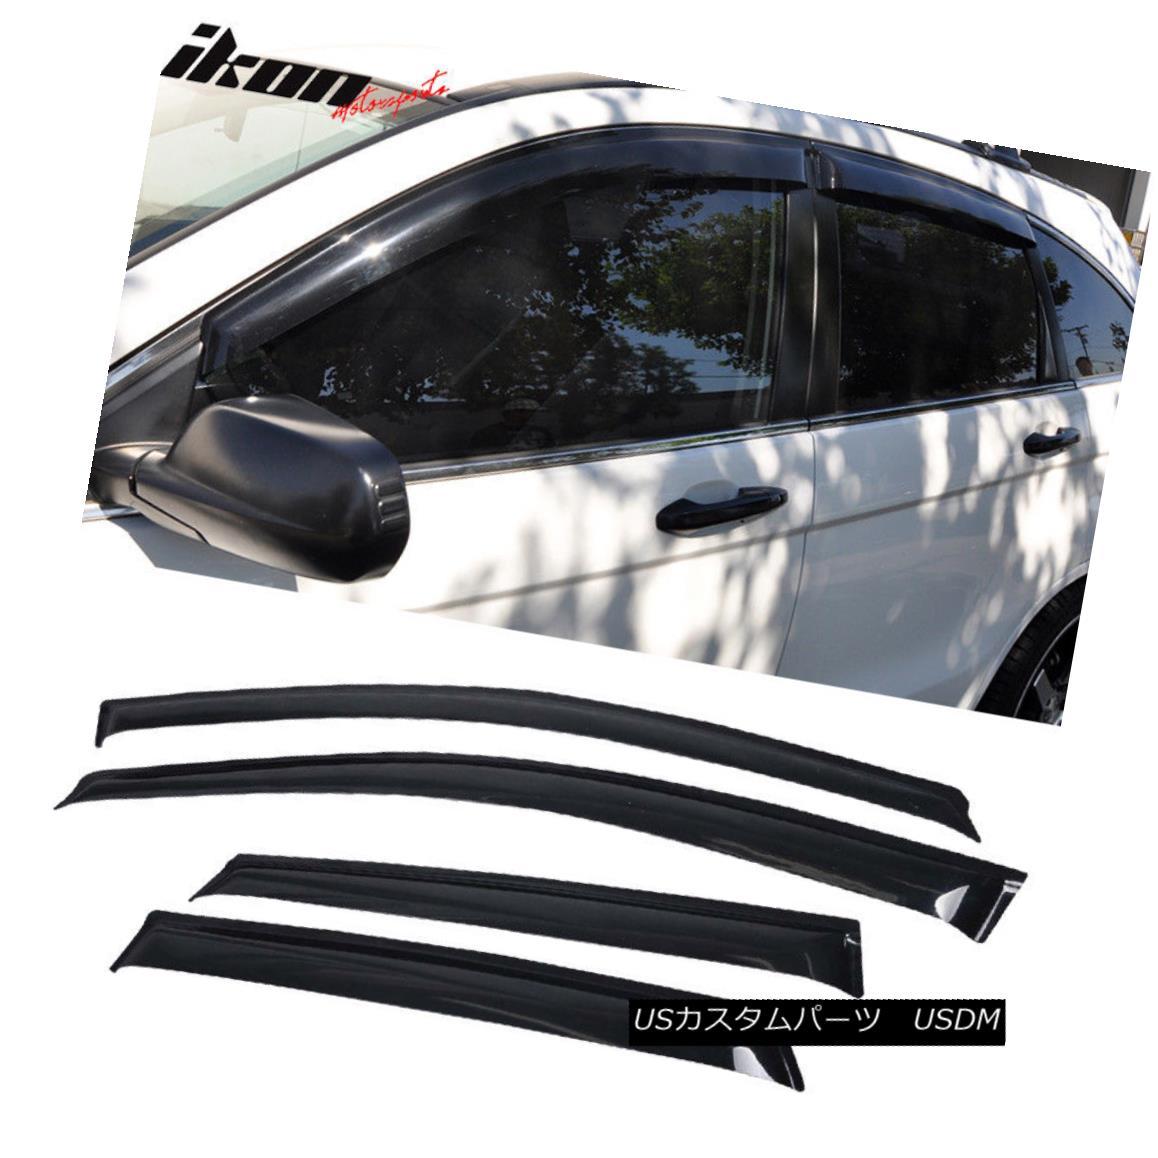 エアロパーツ Fits 07-11 Honda CRV Acrylic Window Visors 4Pc Set フィット07-11ホンダCRVアクリル窓バイザー4PCセット